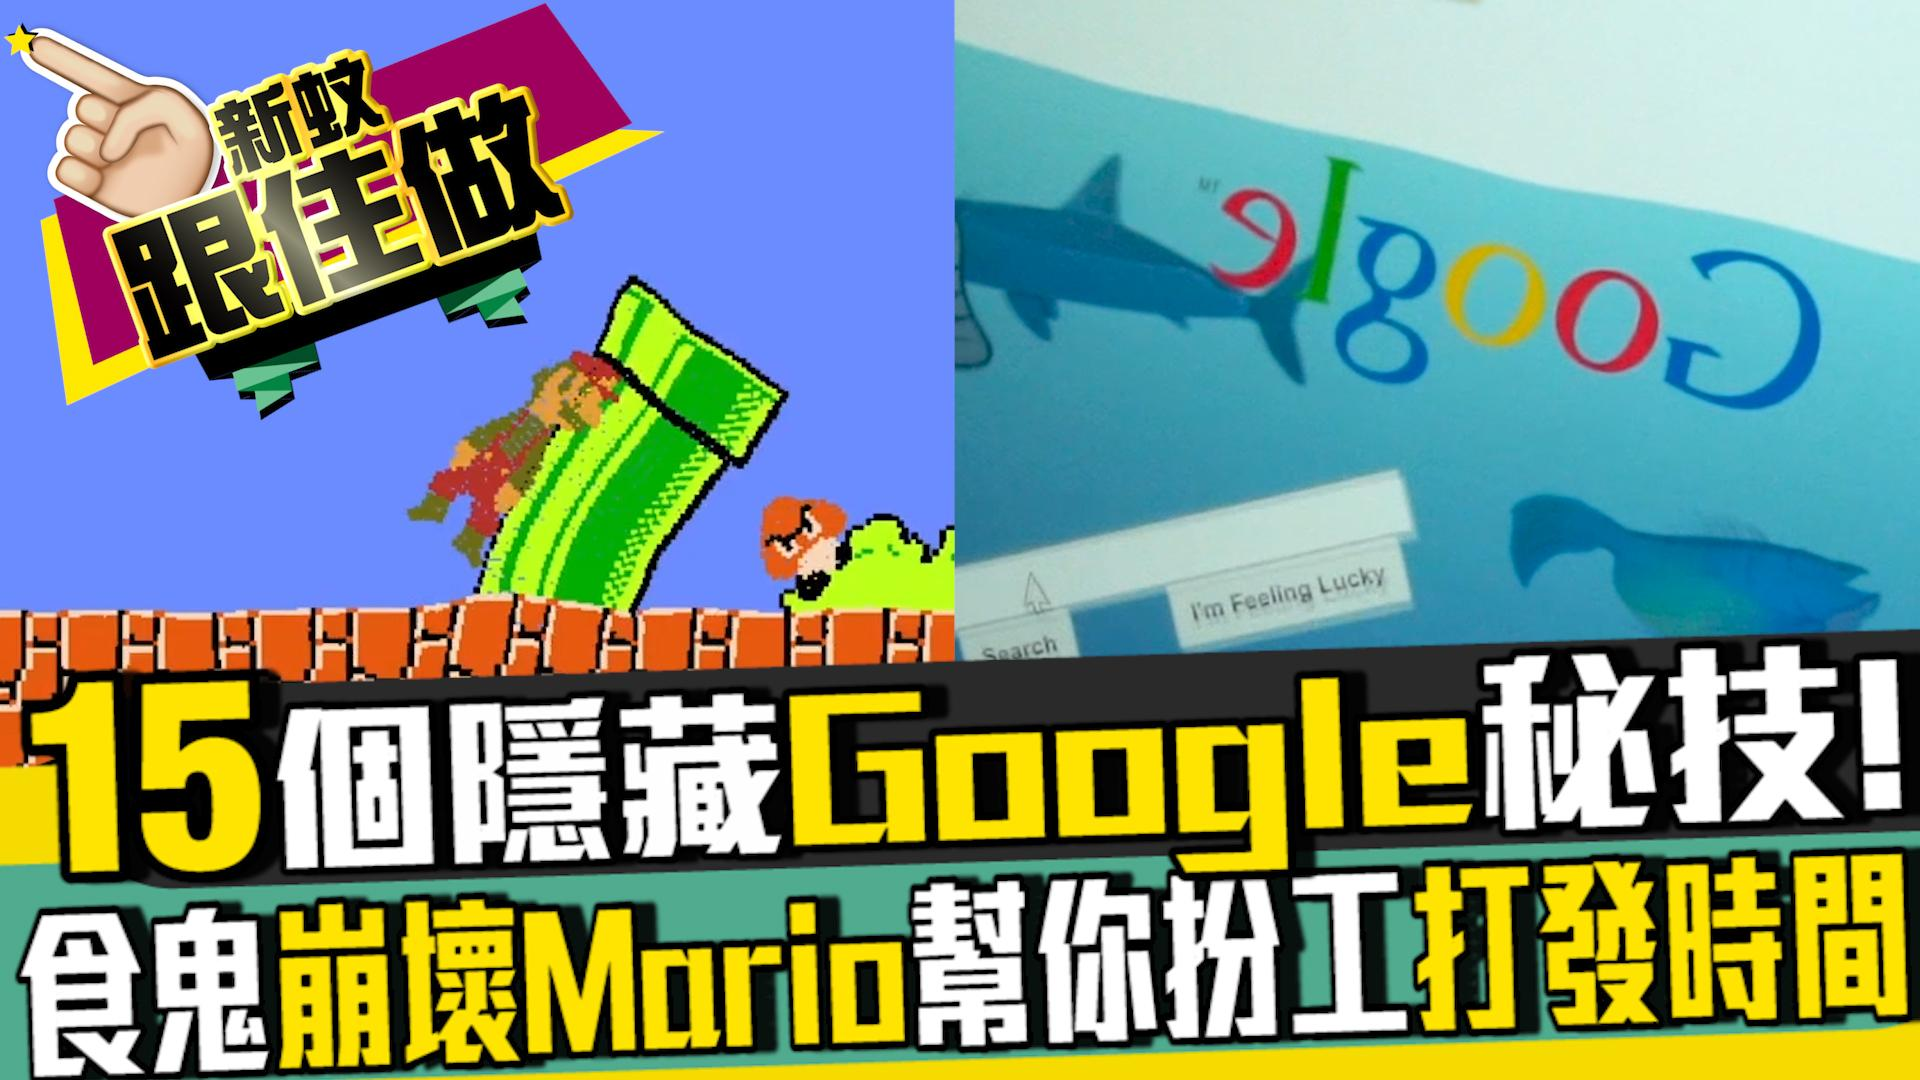 15個隱藏Google Tricks!玩崩壞Jelly Mario、食鬼、手指陀螺幫你打發時間!谷歌秘技教學!新蚊跟住做!